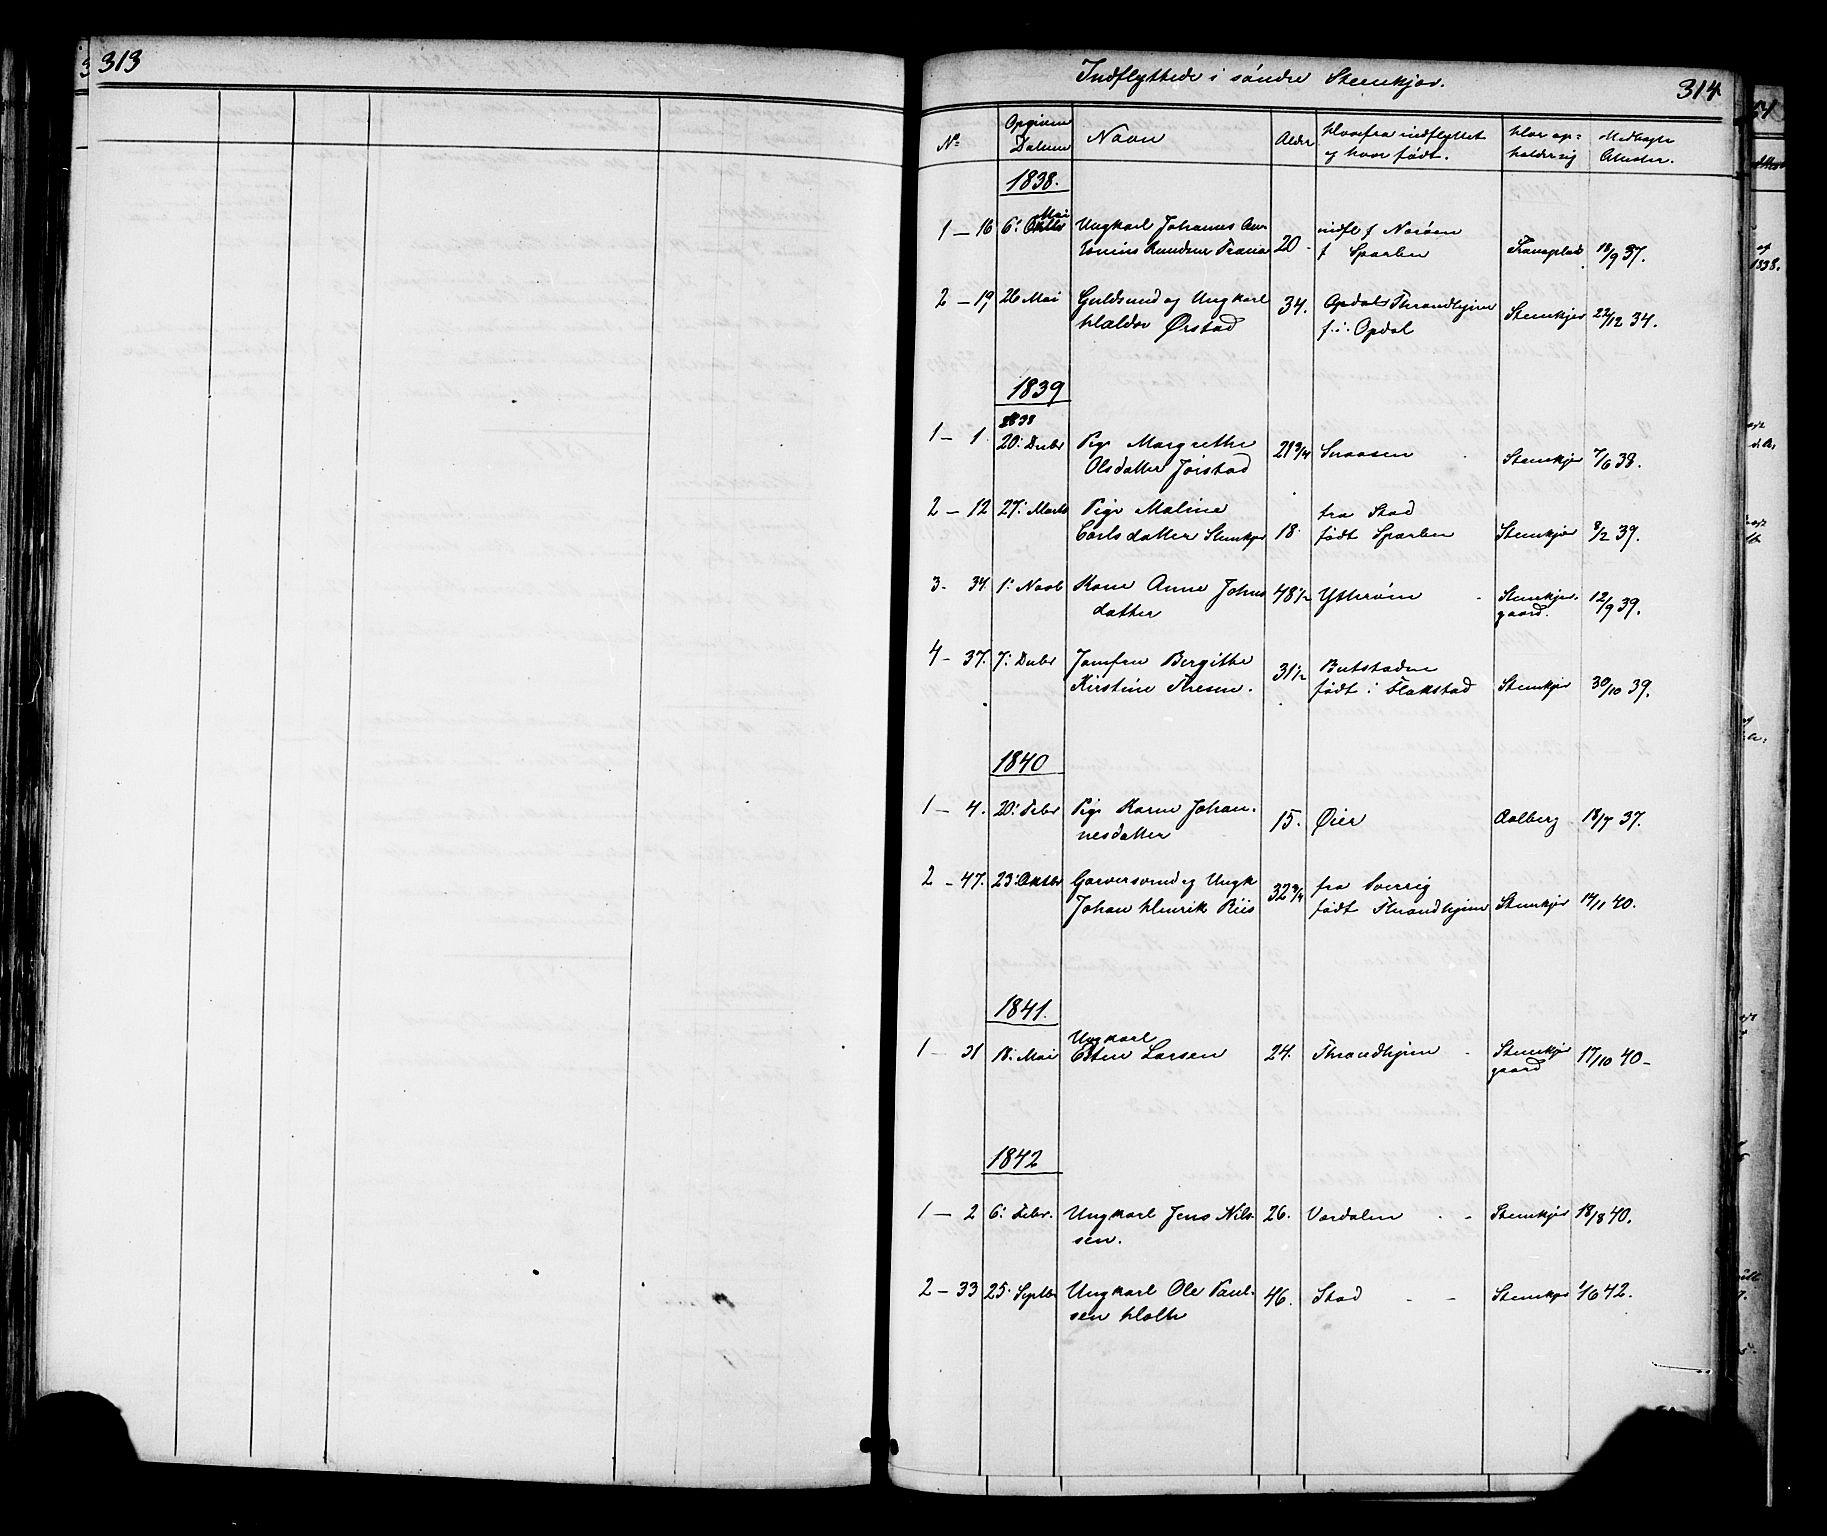 SAT, Ministerialprotokoller, klokkerbøker og fødselsregistre - Nord-Trøndelag, 739/L0367: Ministerialbok nr. 739A01 /1, 1838-1868, s. 313-314